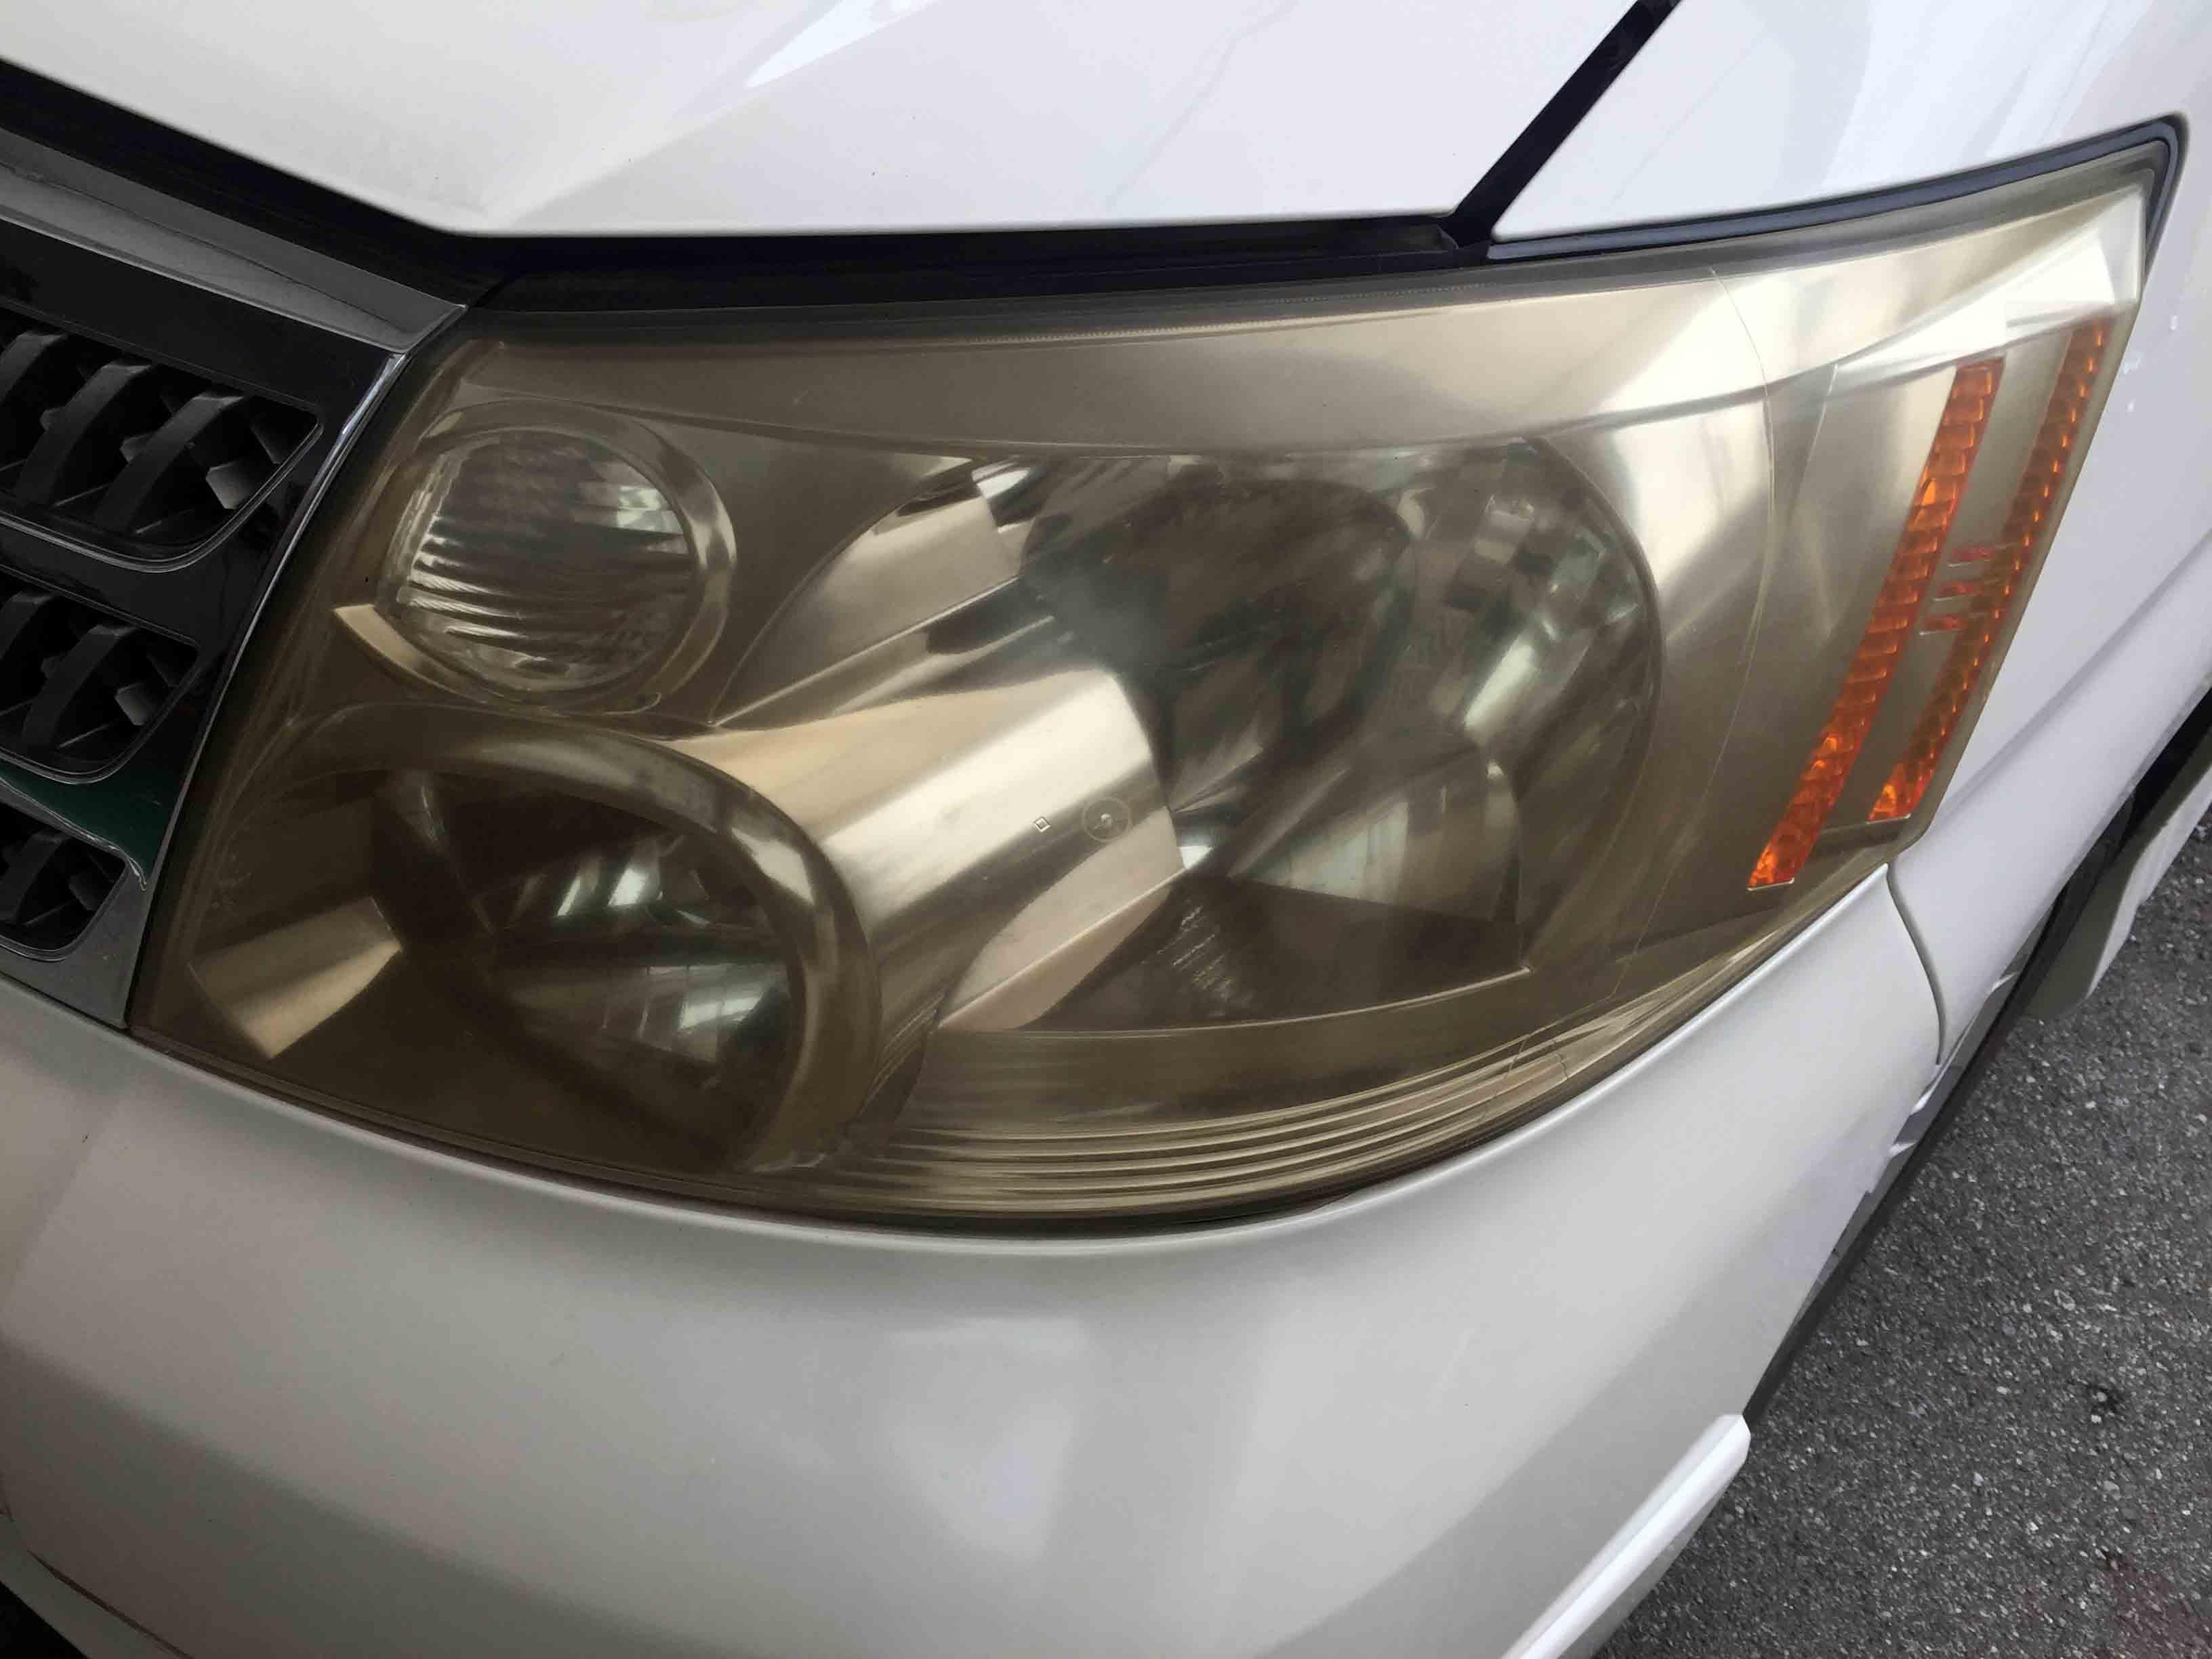 トヨタアルファード10系のヘッドライト全体に黄ばみ、くすんでいる状態です。